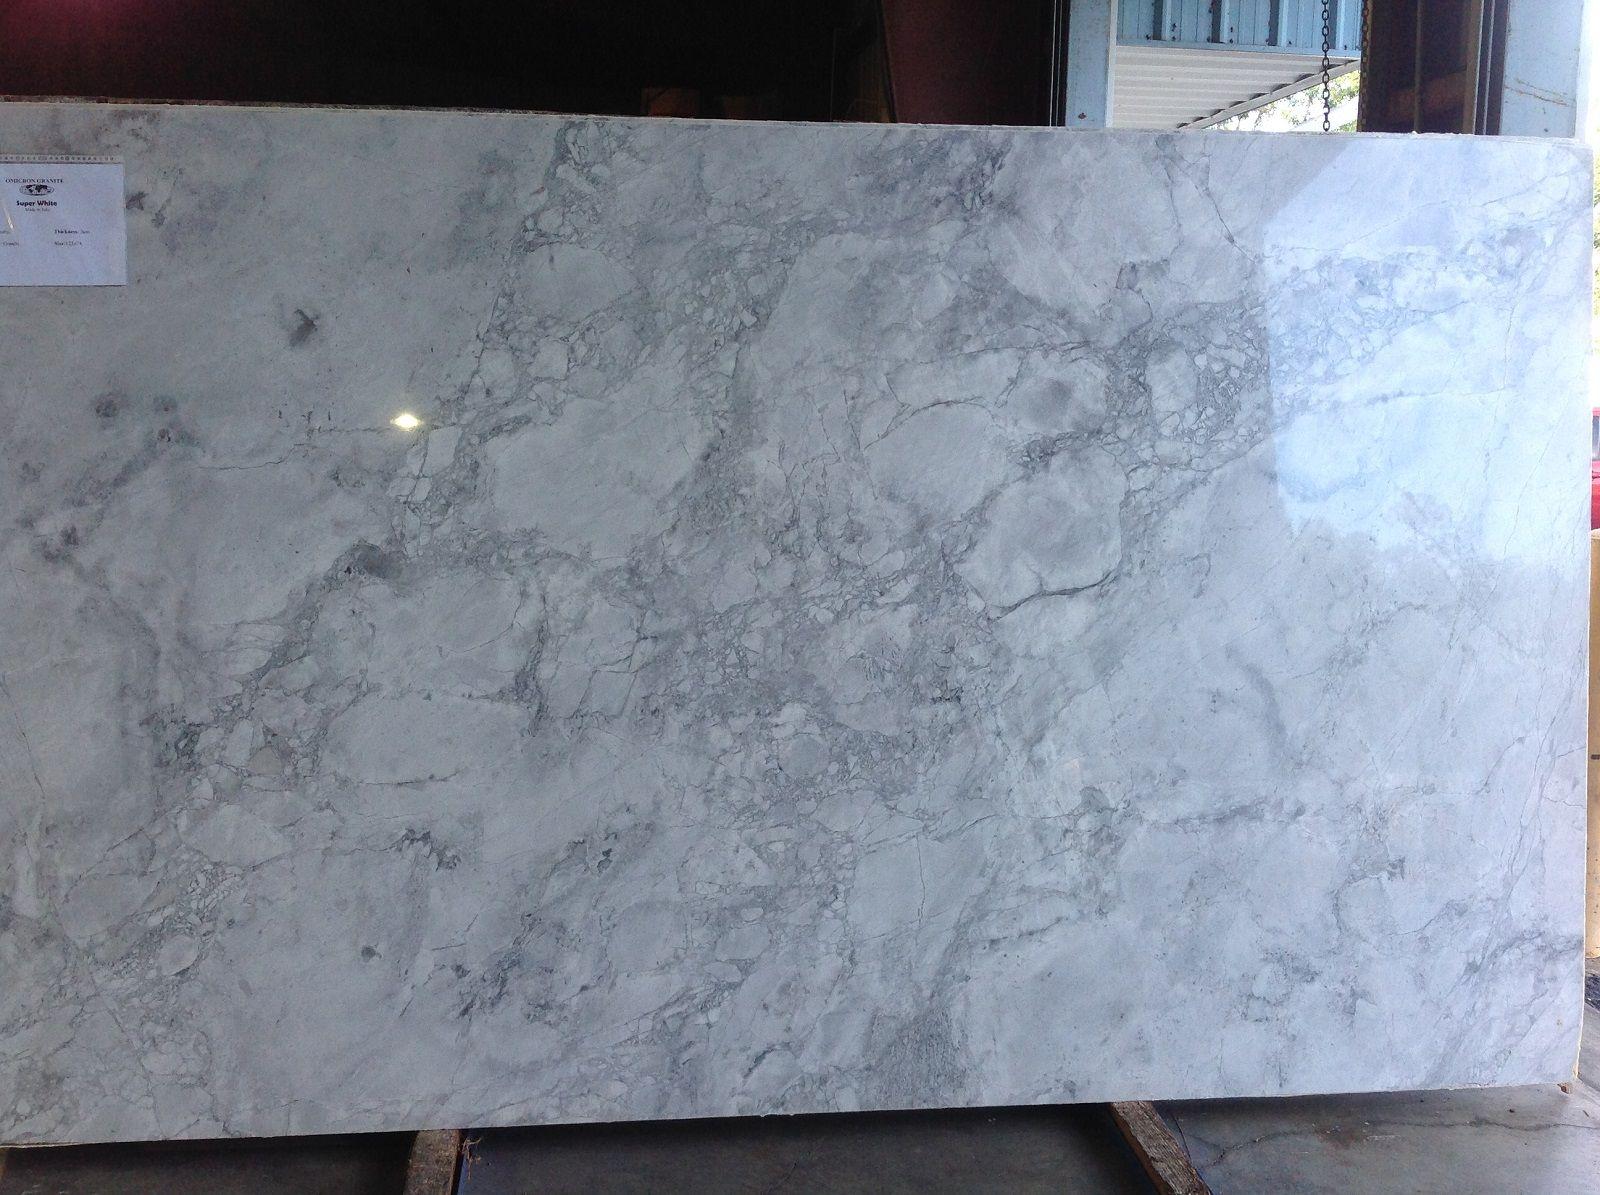 Types of white granite - Super White Granite With Name Super White Material Granite Color S Gray White Origin Italy On